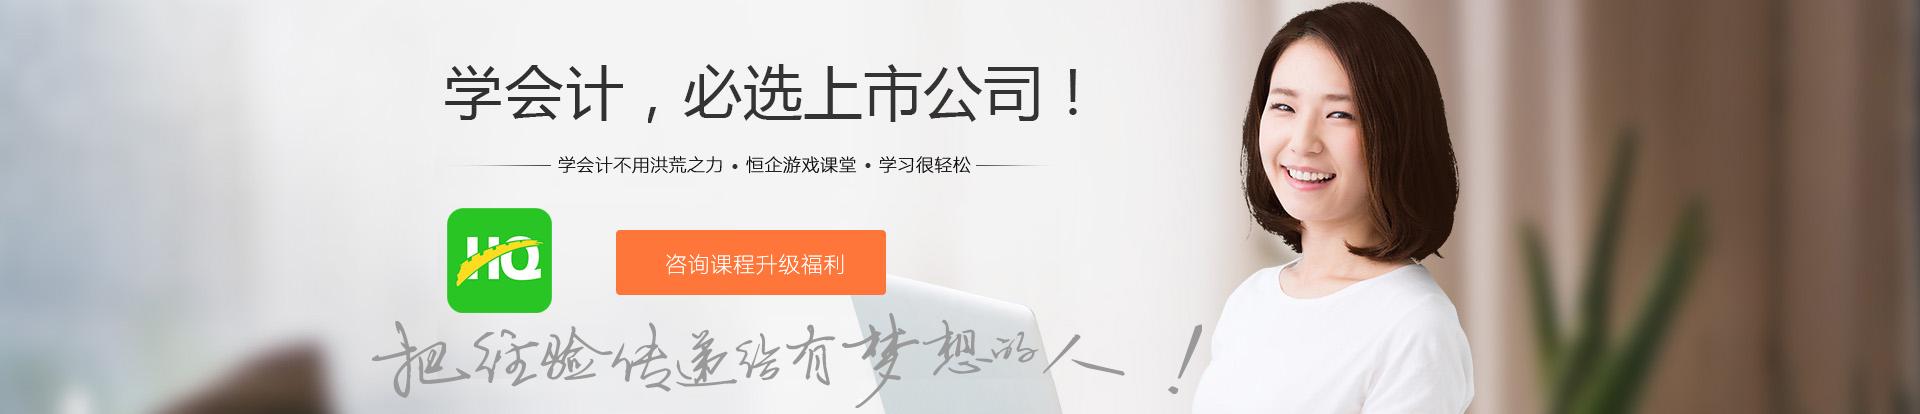 进贤恒企会计betway体育app学校 横幅广告